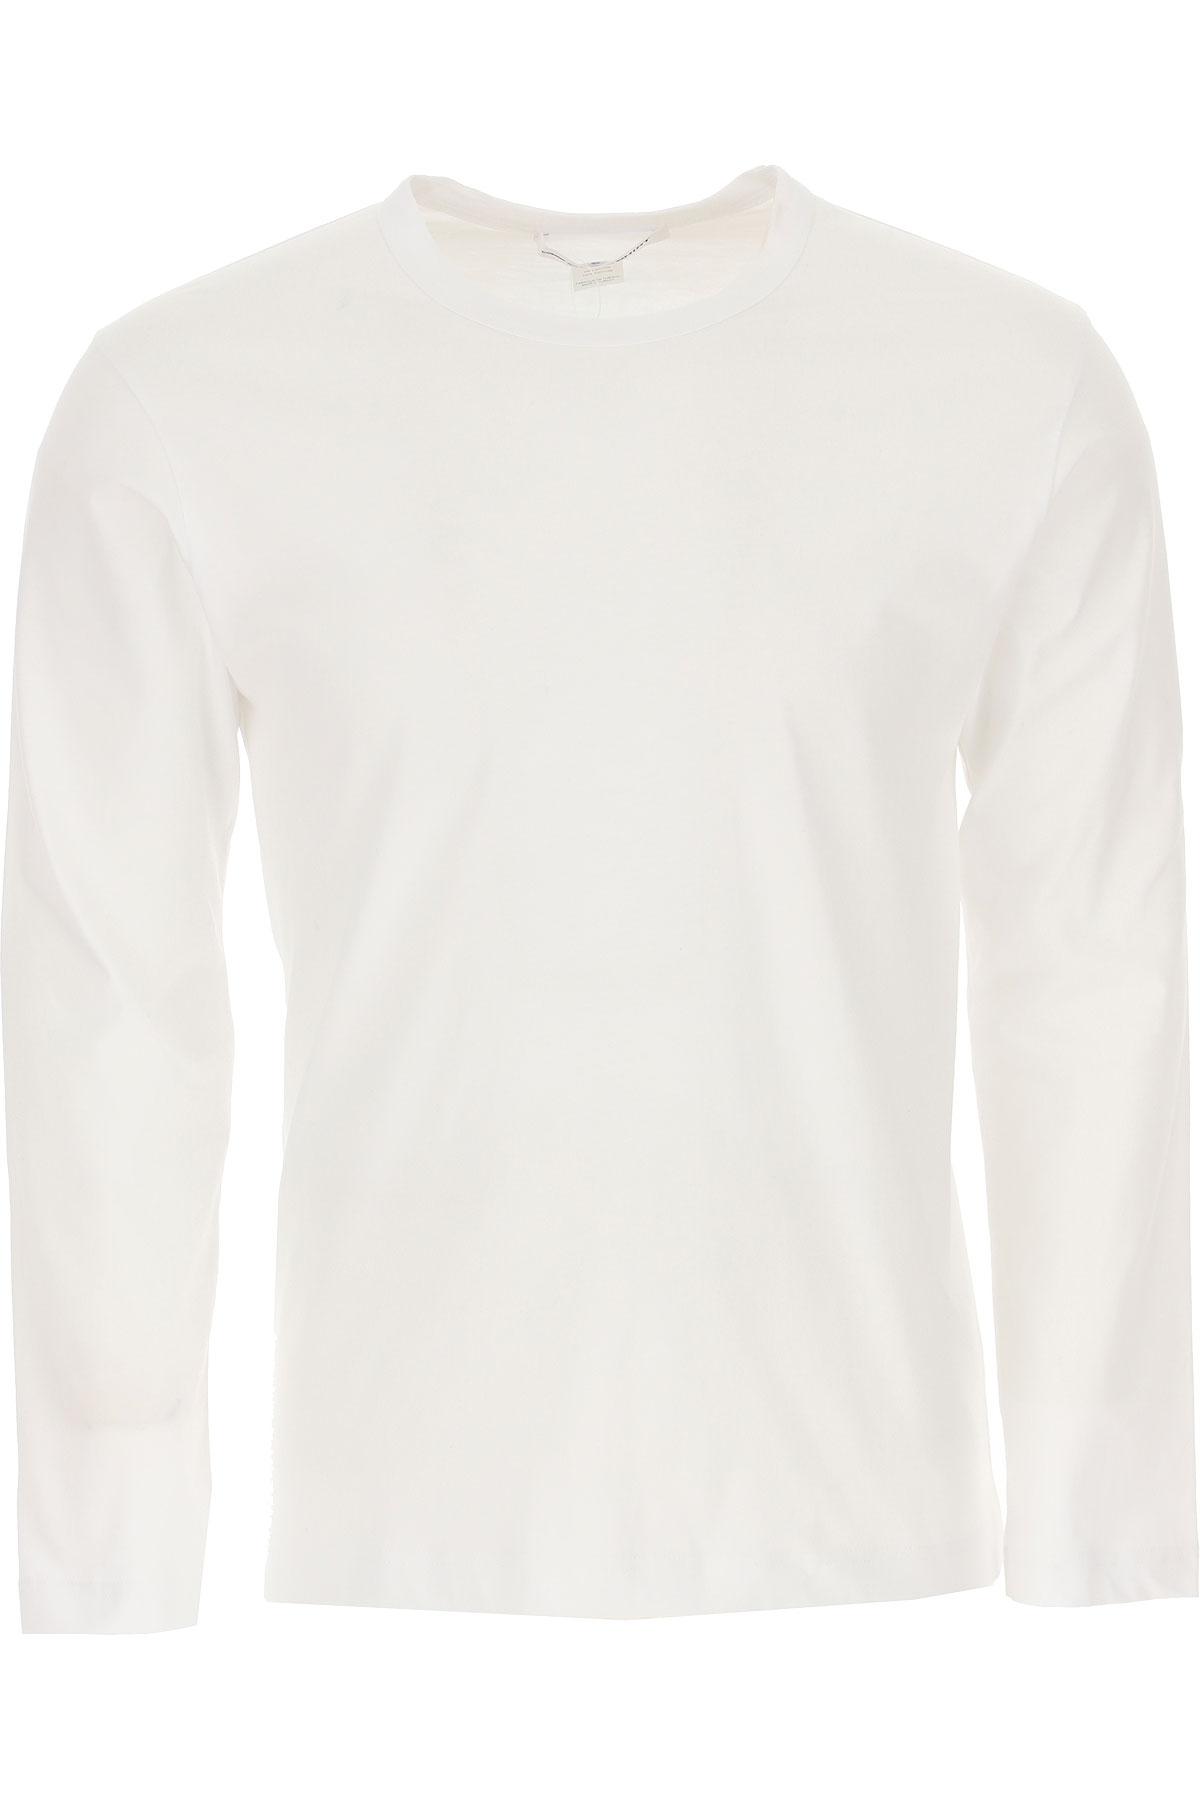 Comme des Garcons T-Shirt for Men On Sale, White, Cotton, 2019, M S